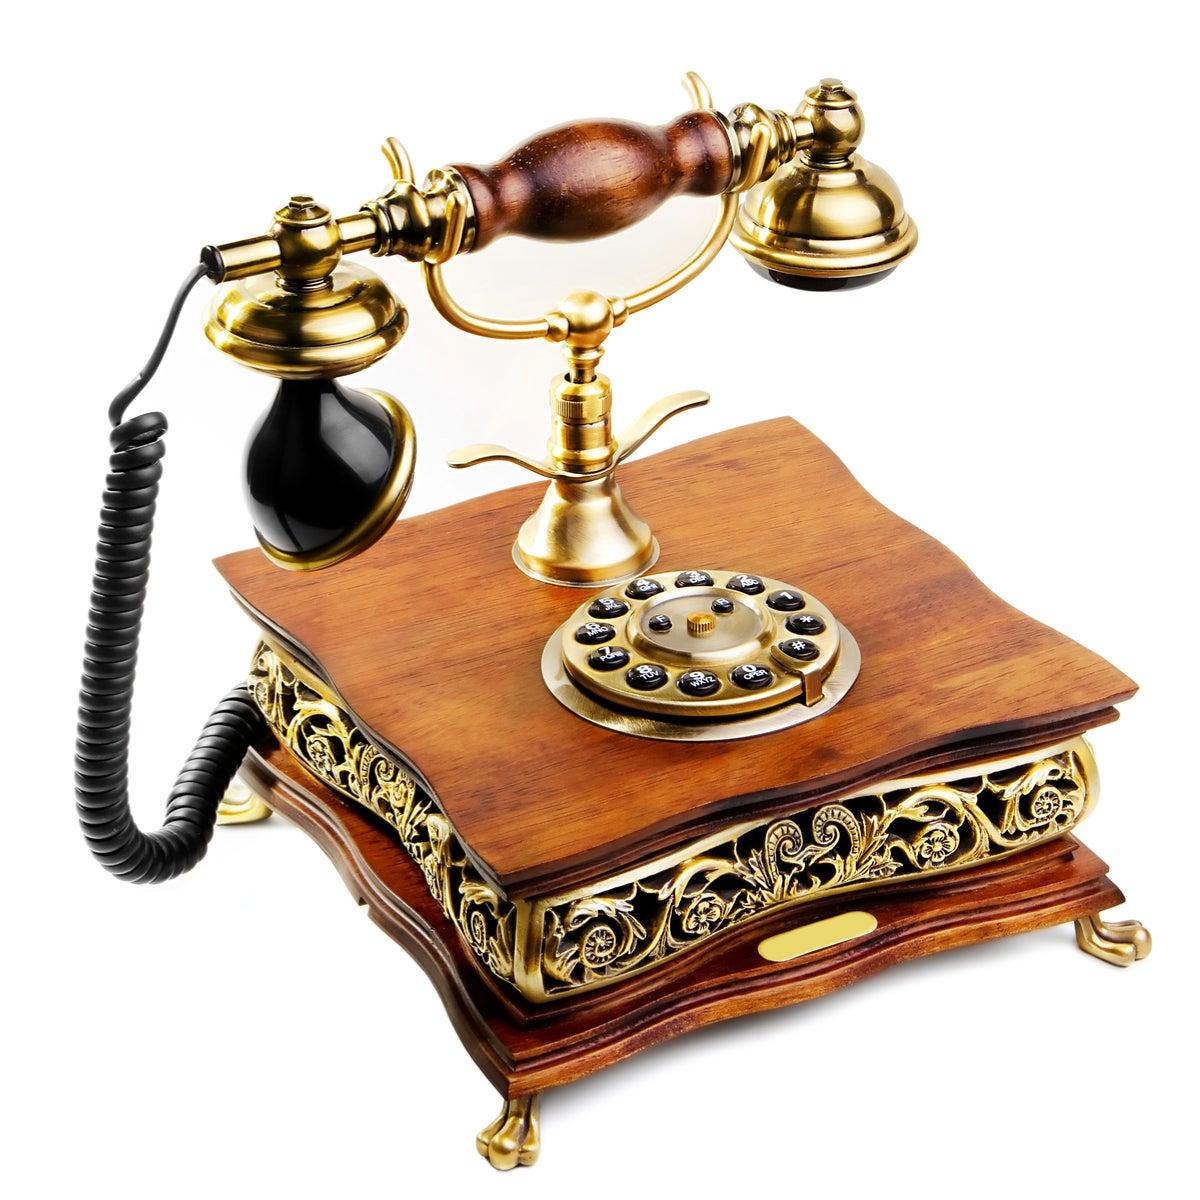 Teléfono vintage en un estilo retro de decoración